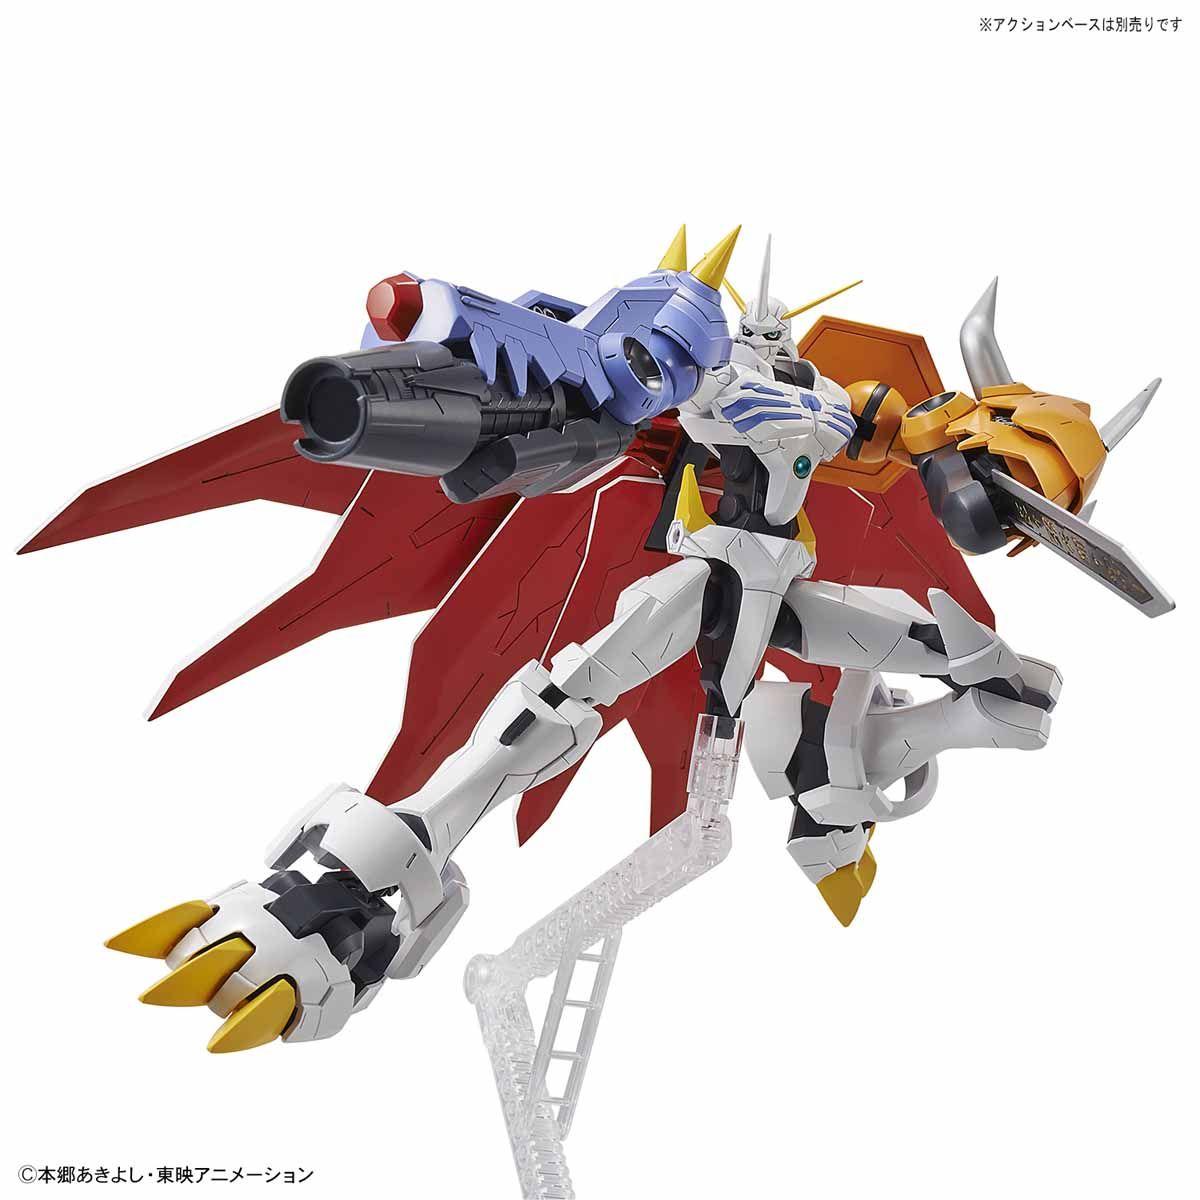 【再販】Figure-rise Standard『オメガモン(AMPLIFIED)』デジモンアドベンチャー プラモデル-007